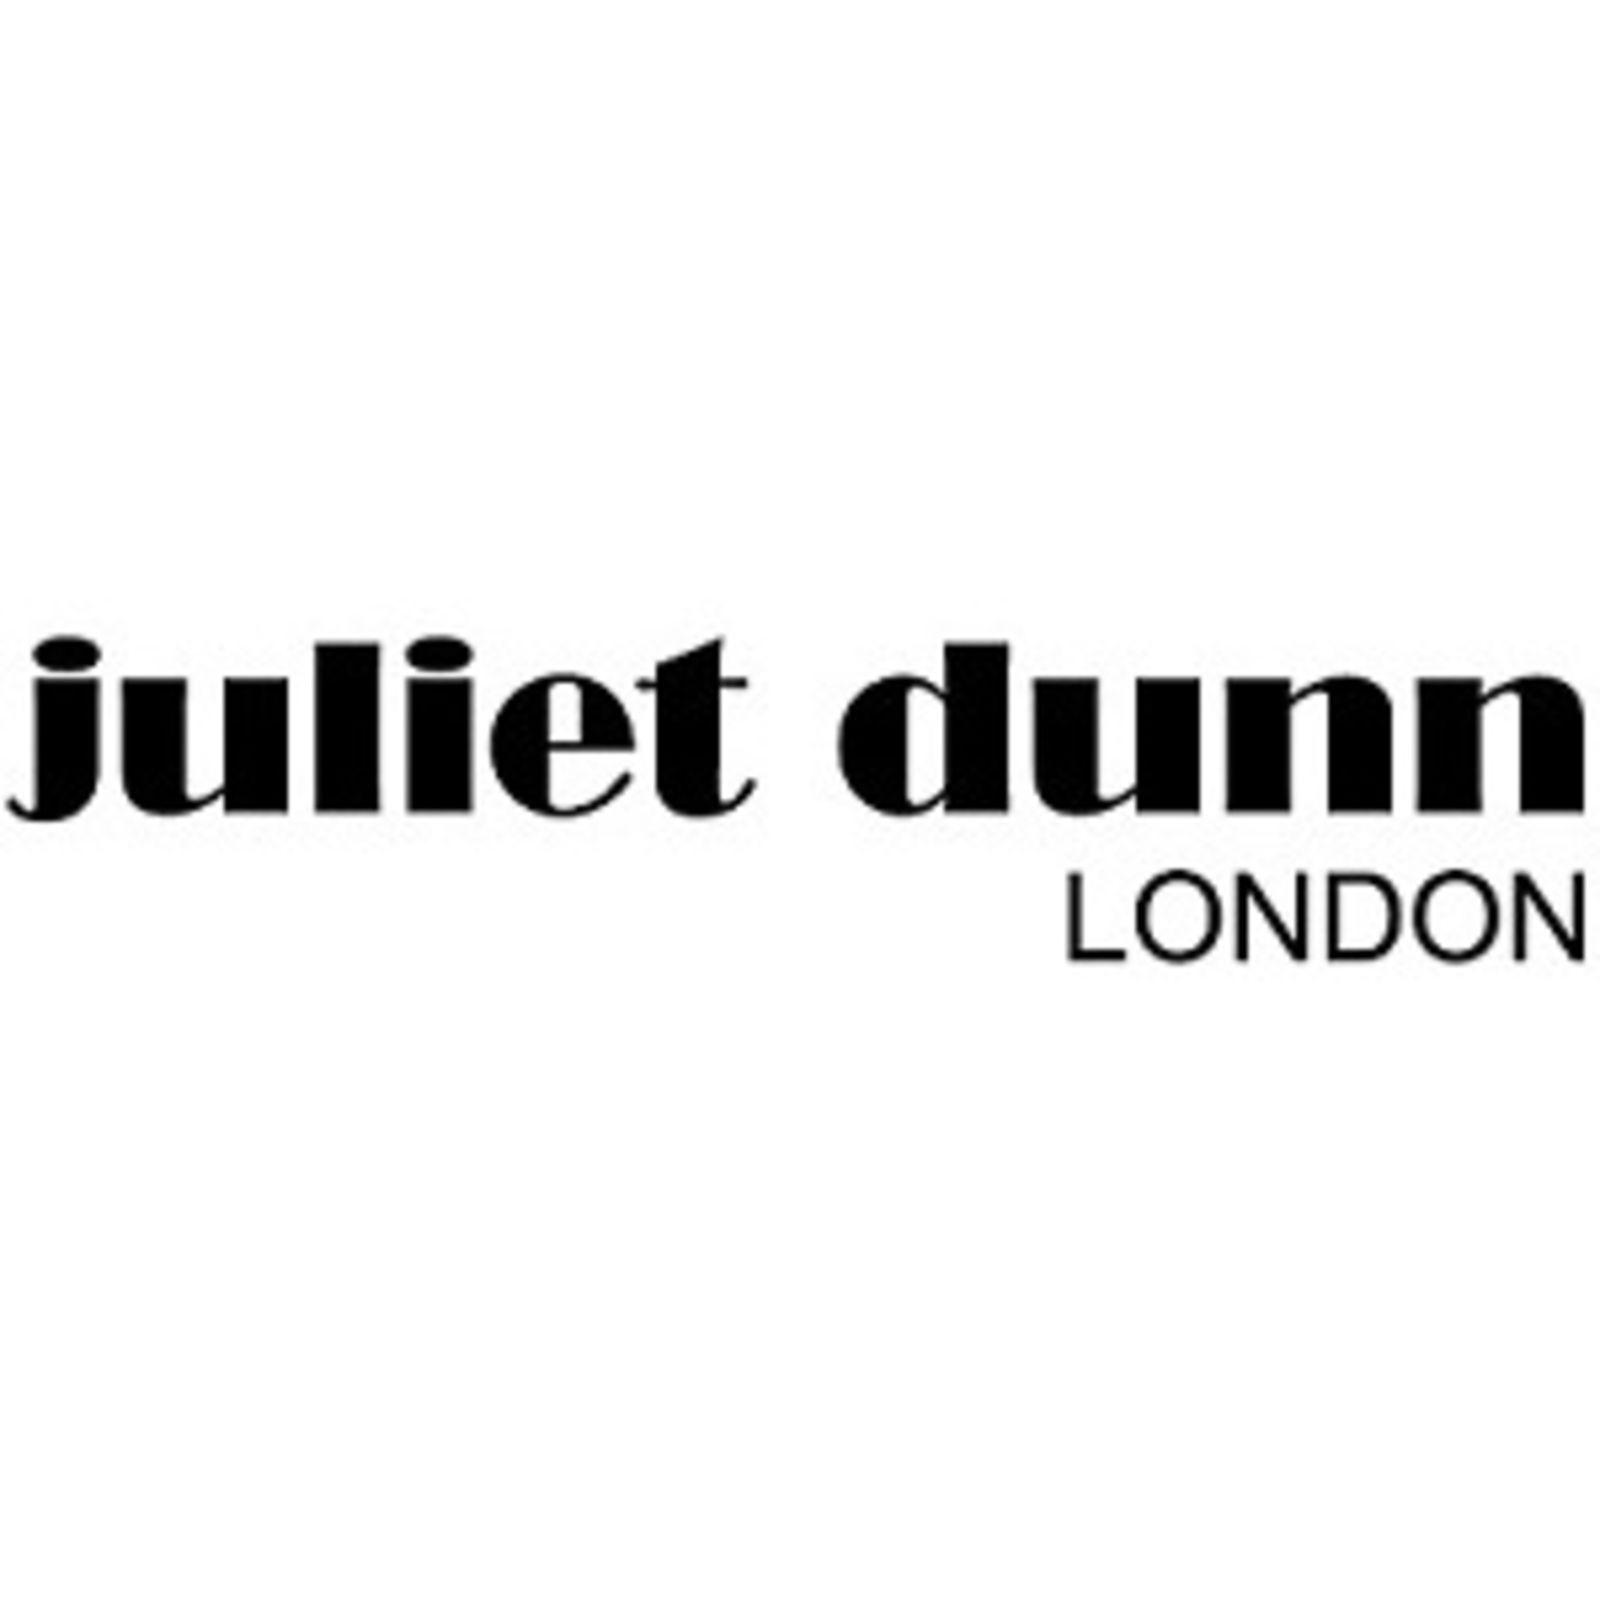 Juliet Dunn